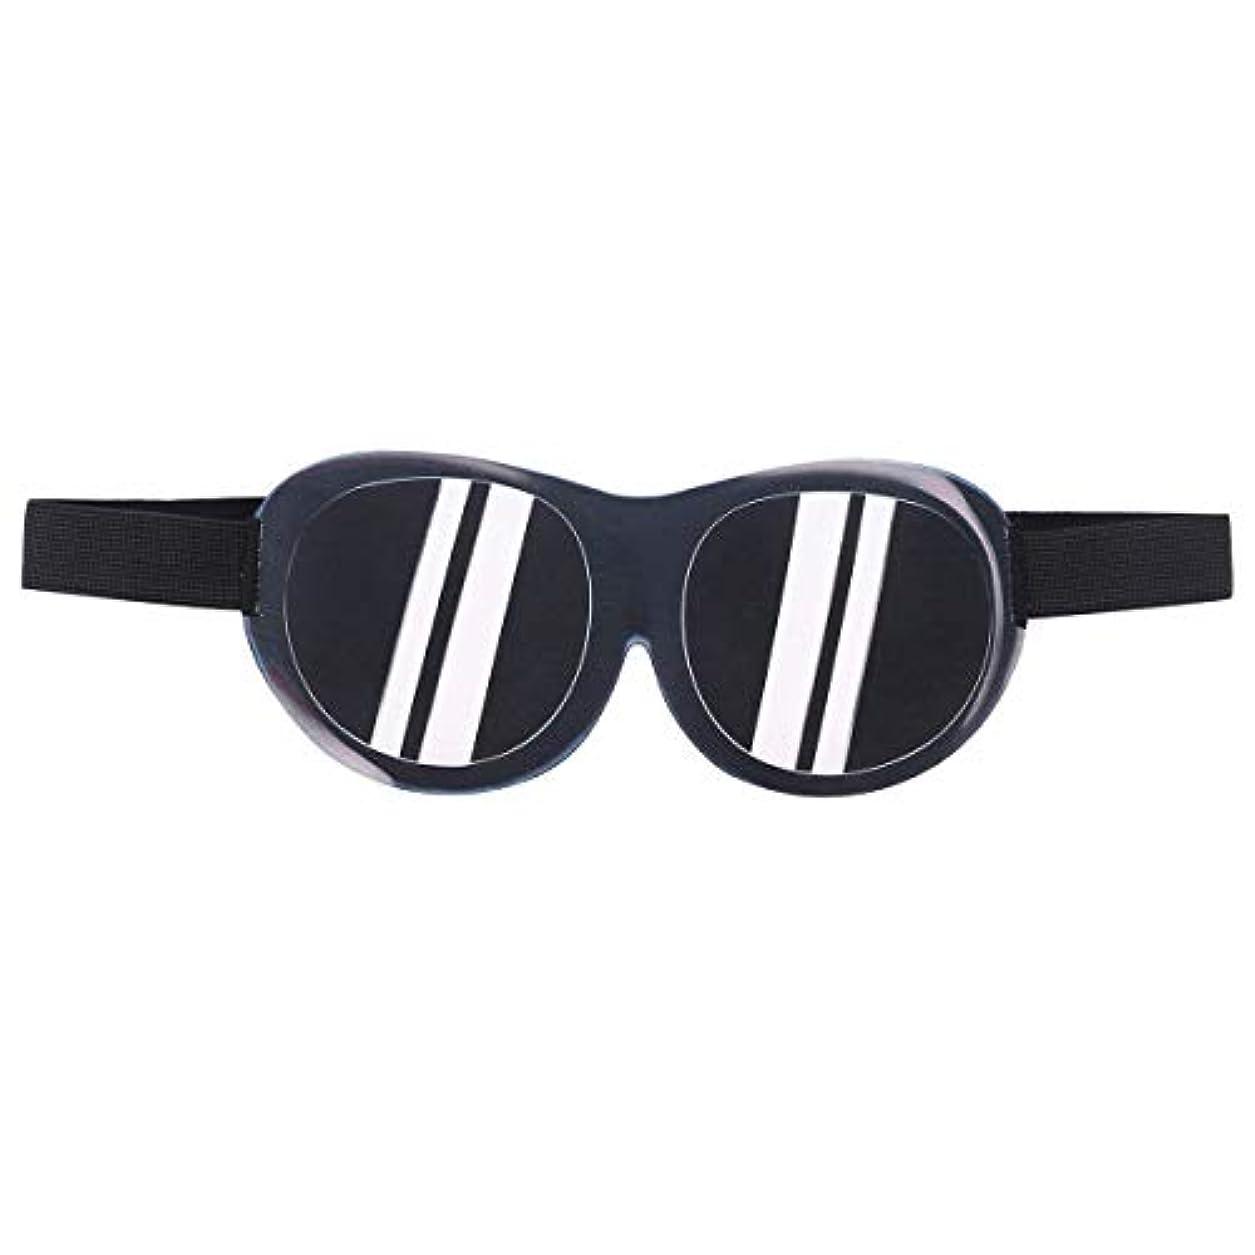 約設定ダイジェスト調和Healifty 睡眠目隠し3D面白いアイシェード通気性睡眠マスク旅行睡眠ヘルパーアイシェード用男性と女性